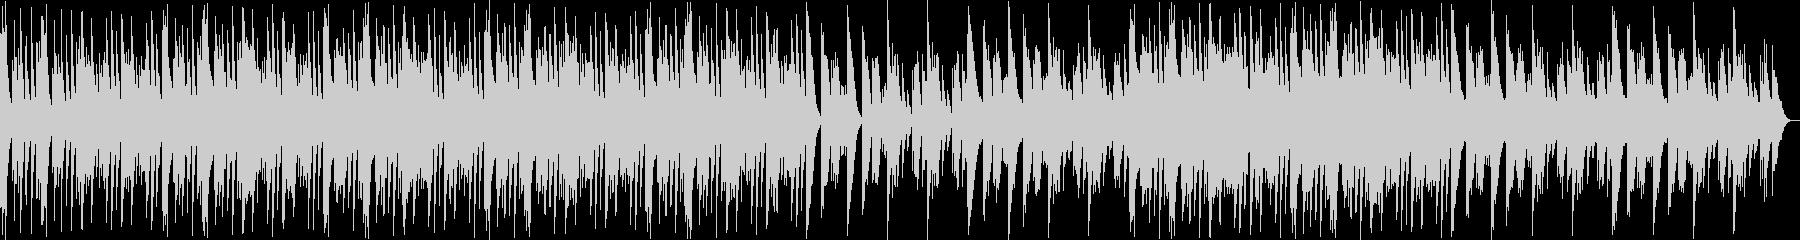 ウェット感のある優しいシンセサイザーの音の未再生の波形